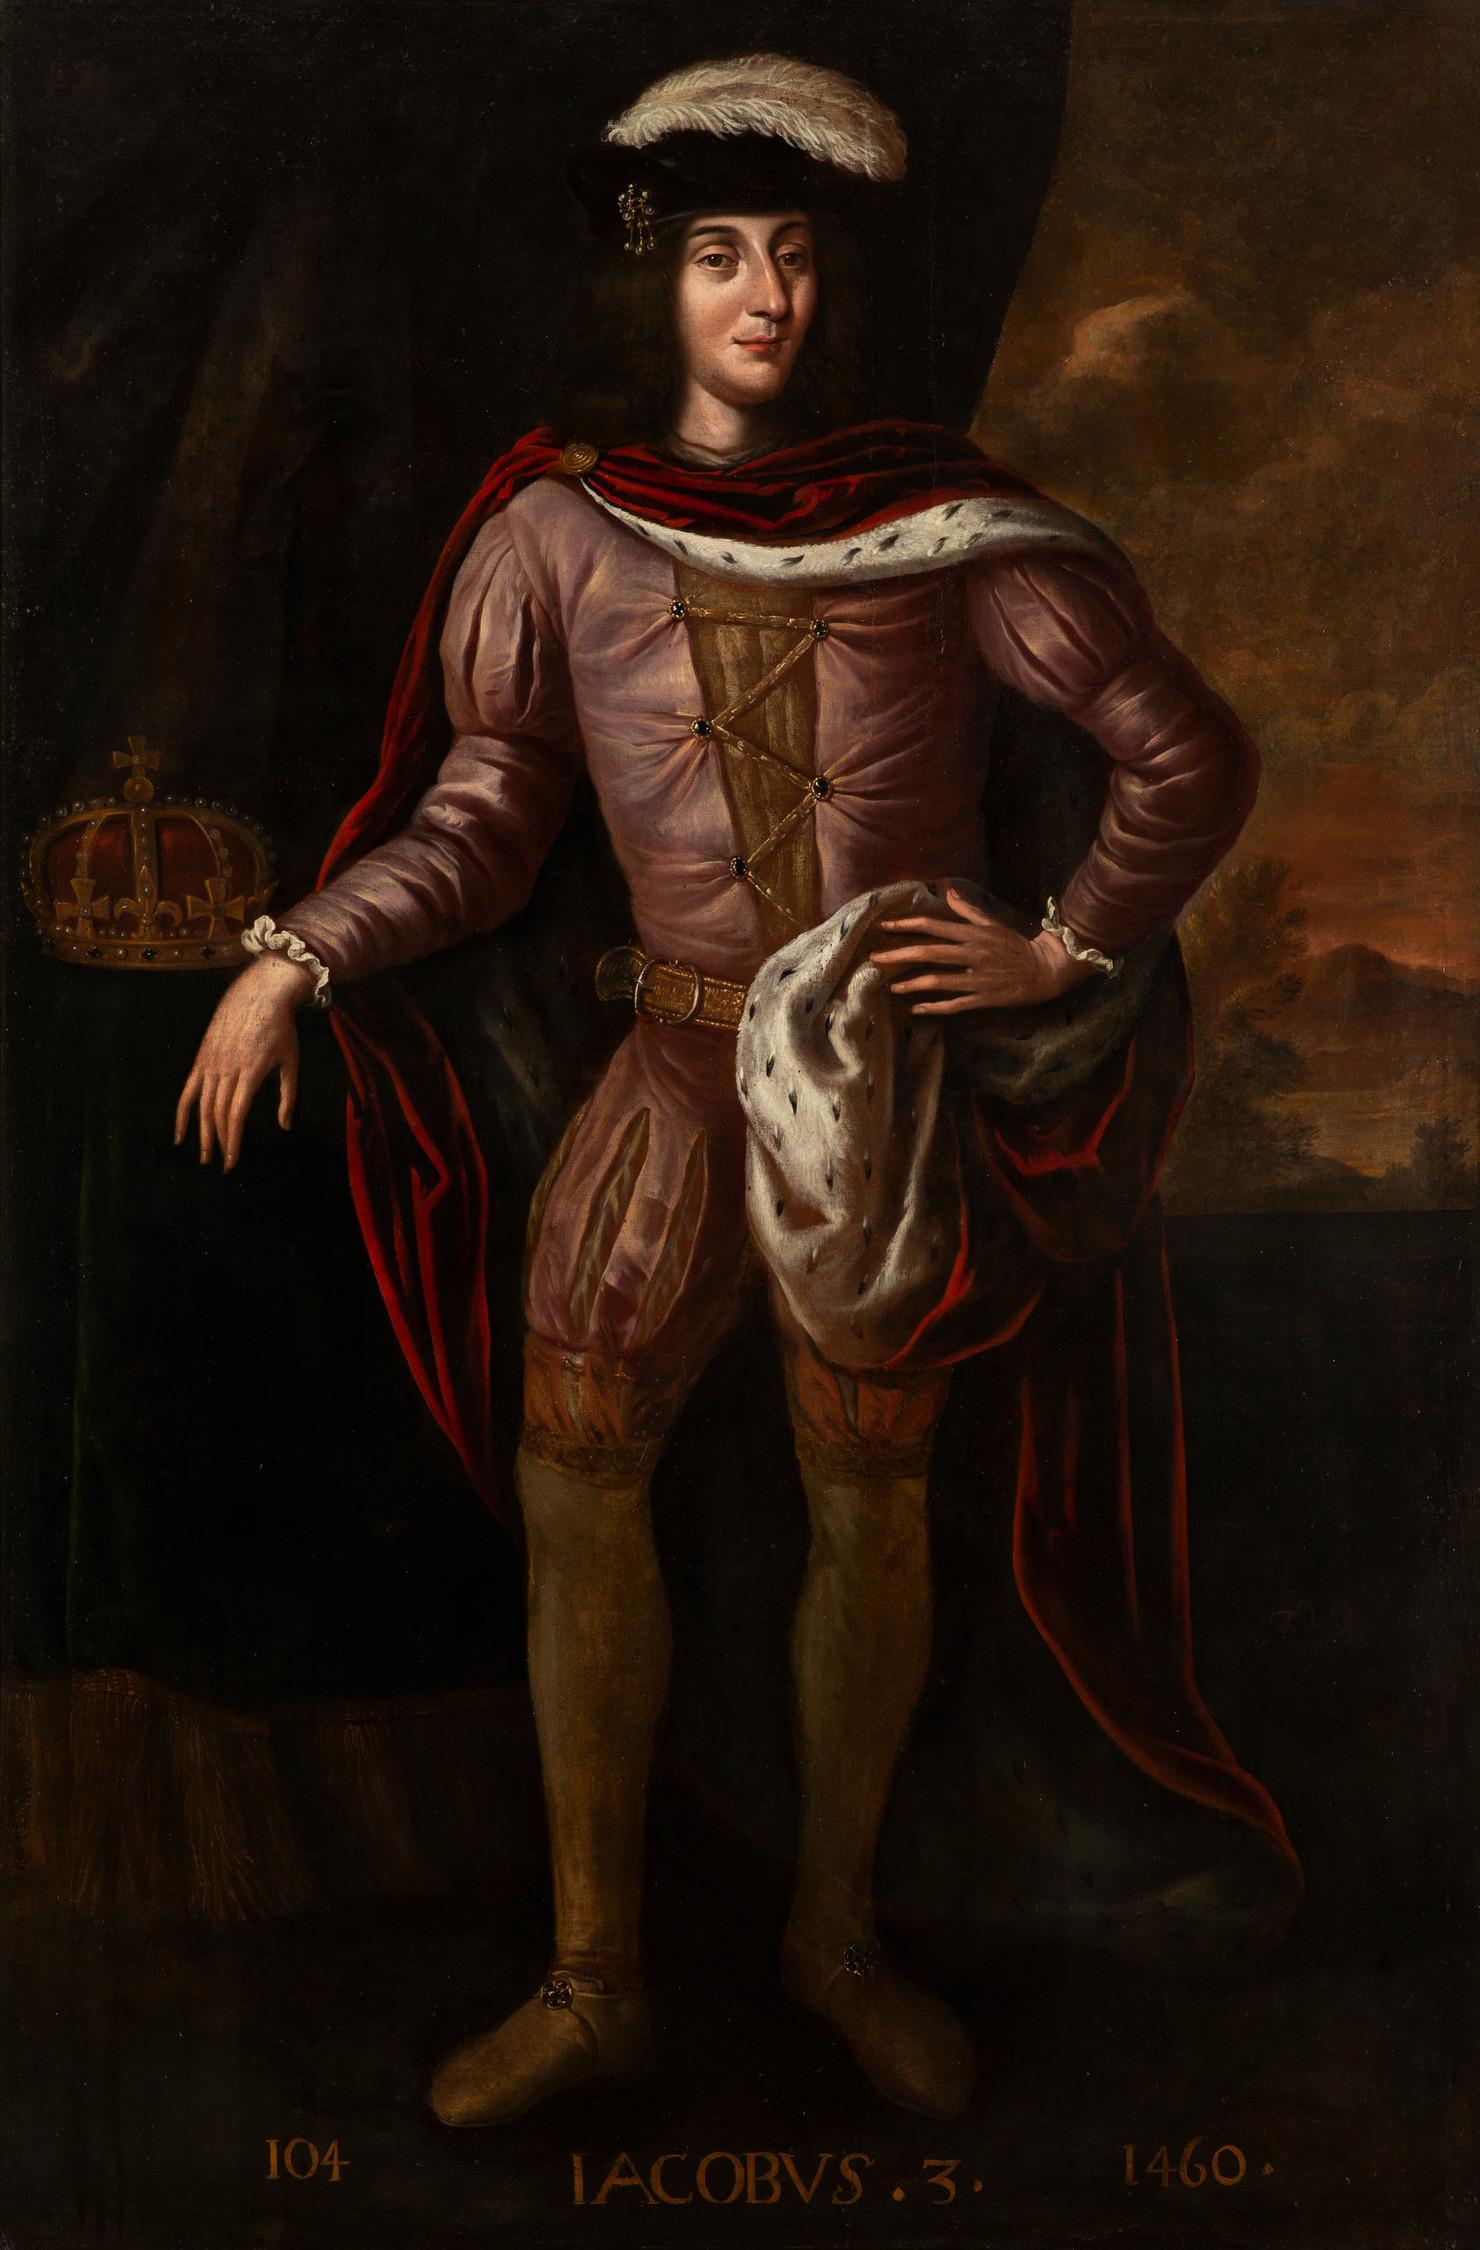 Jacob Jacobsz de Wet II (Haarlem 1641/2 - Amsterdam 1697) - James ...